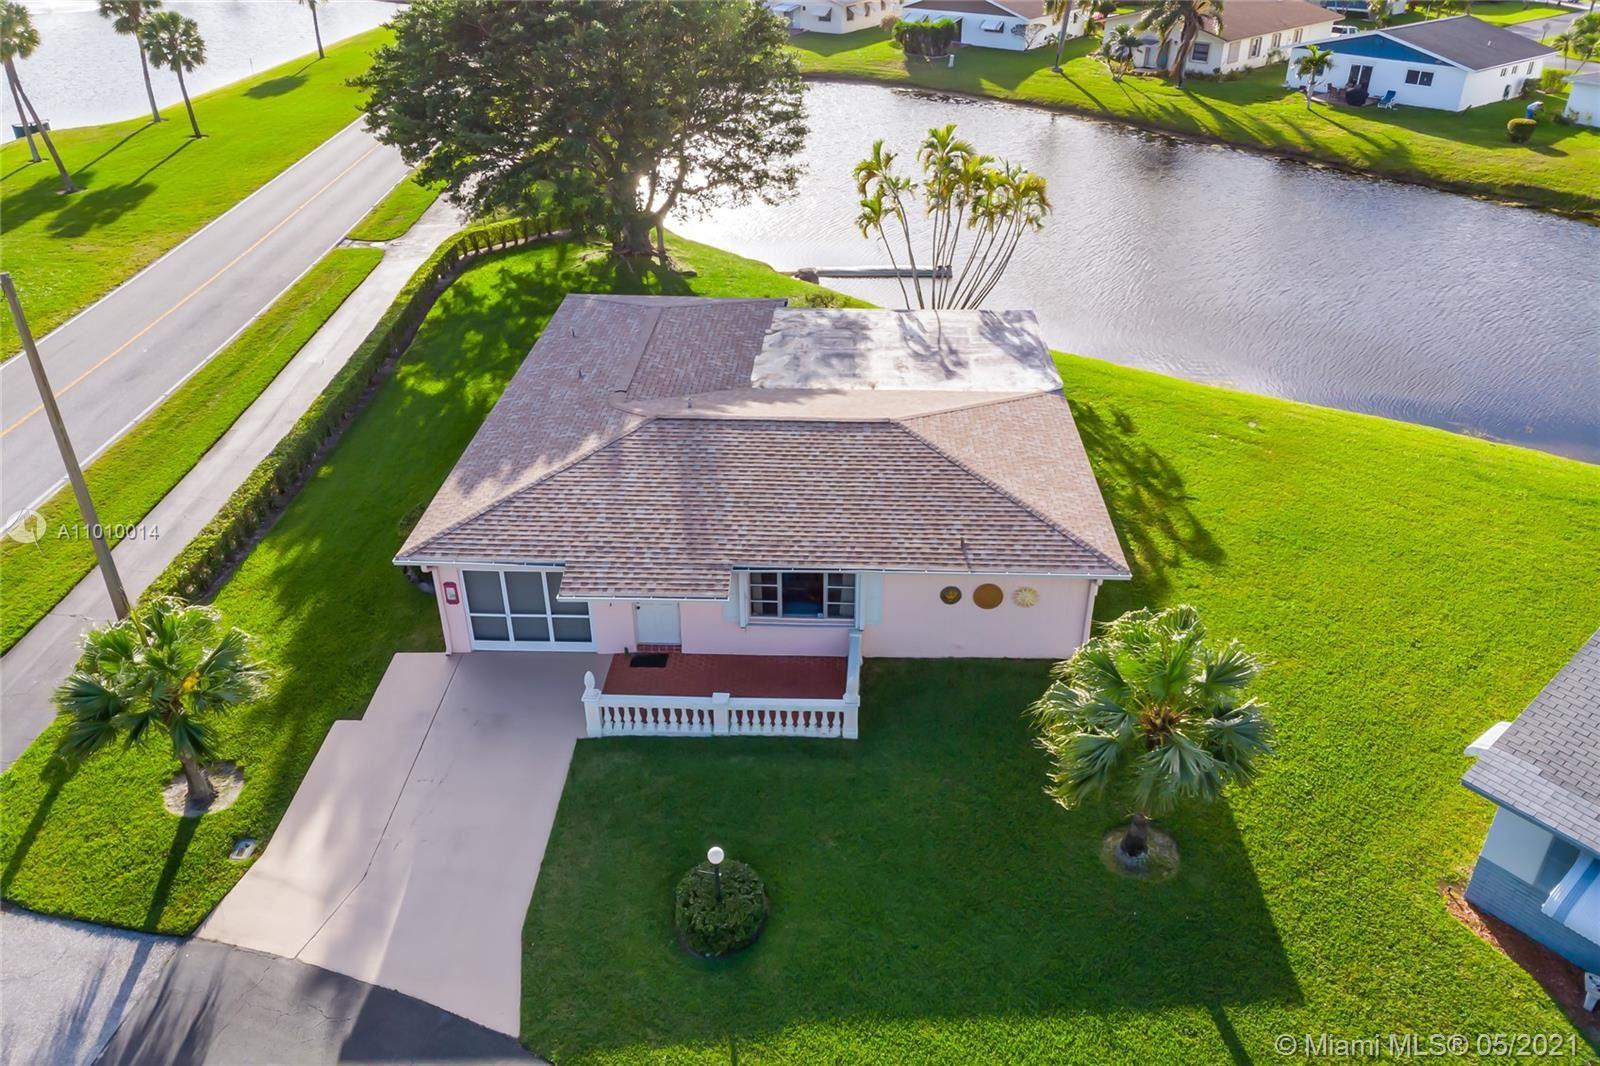 3188 Maria Cir, West Palm Beach, FL 33417 - #: A11010014